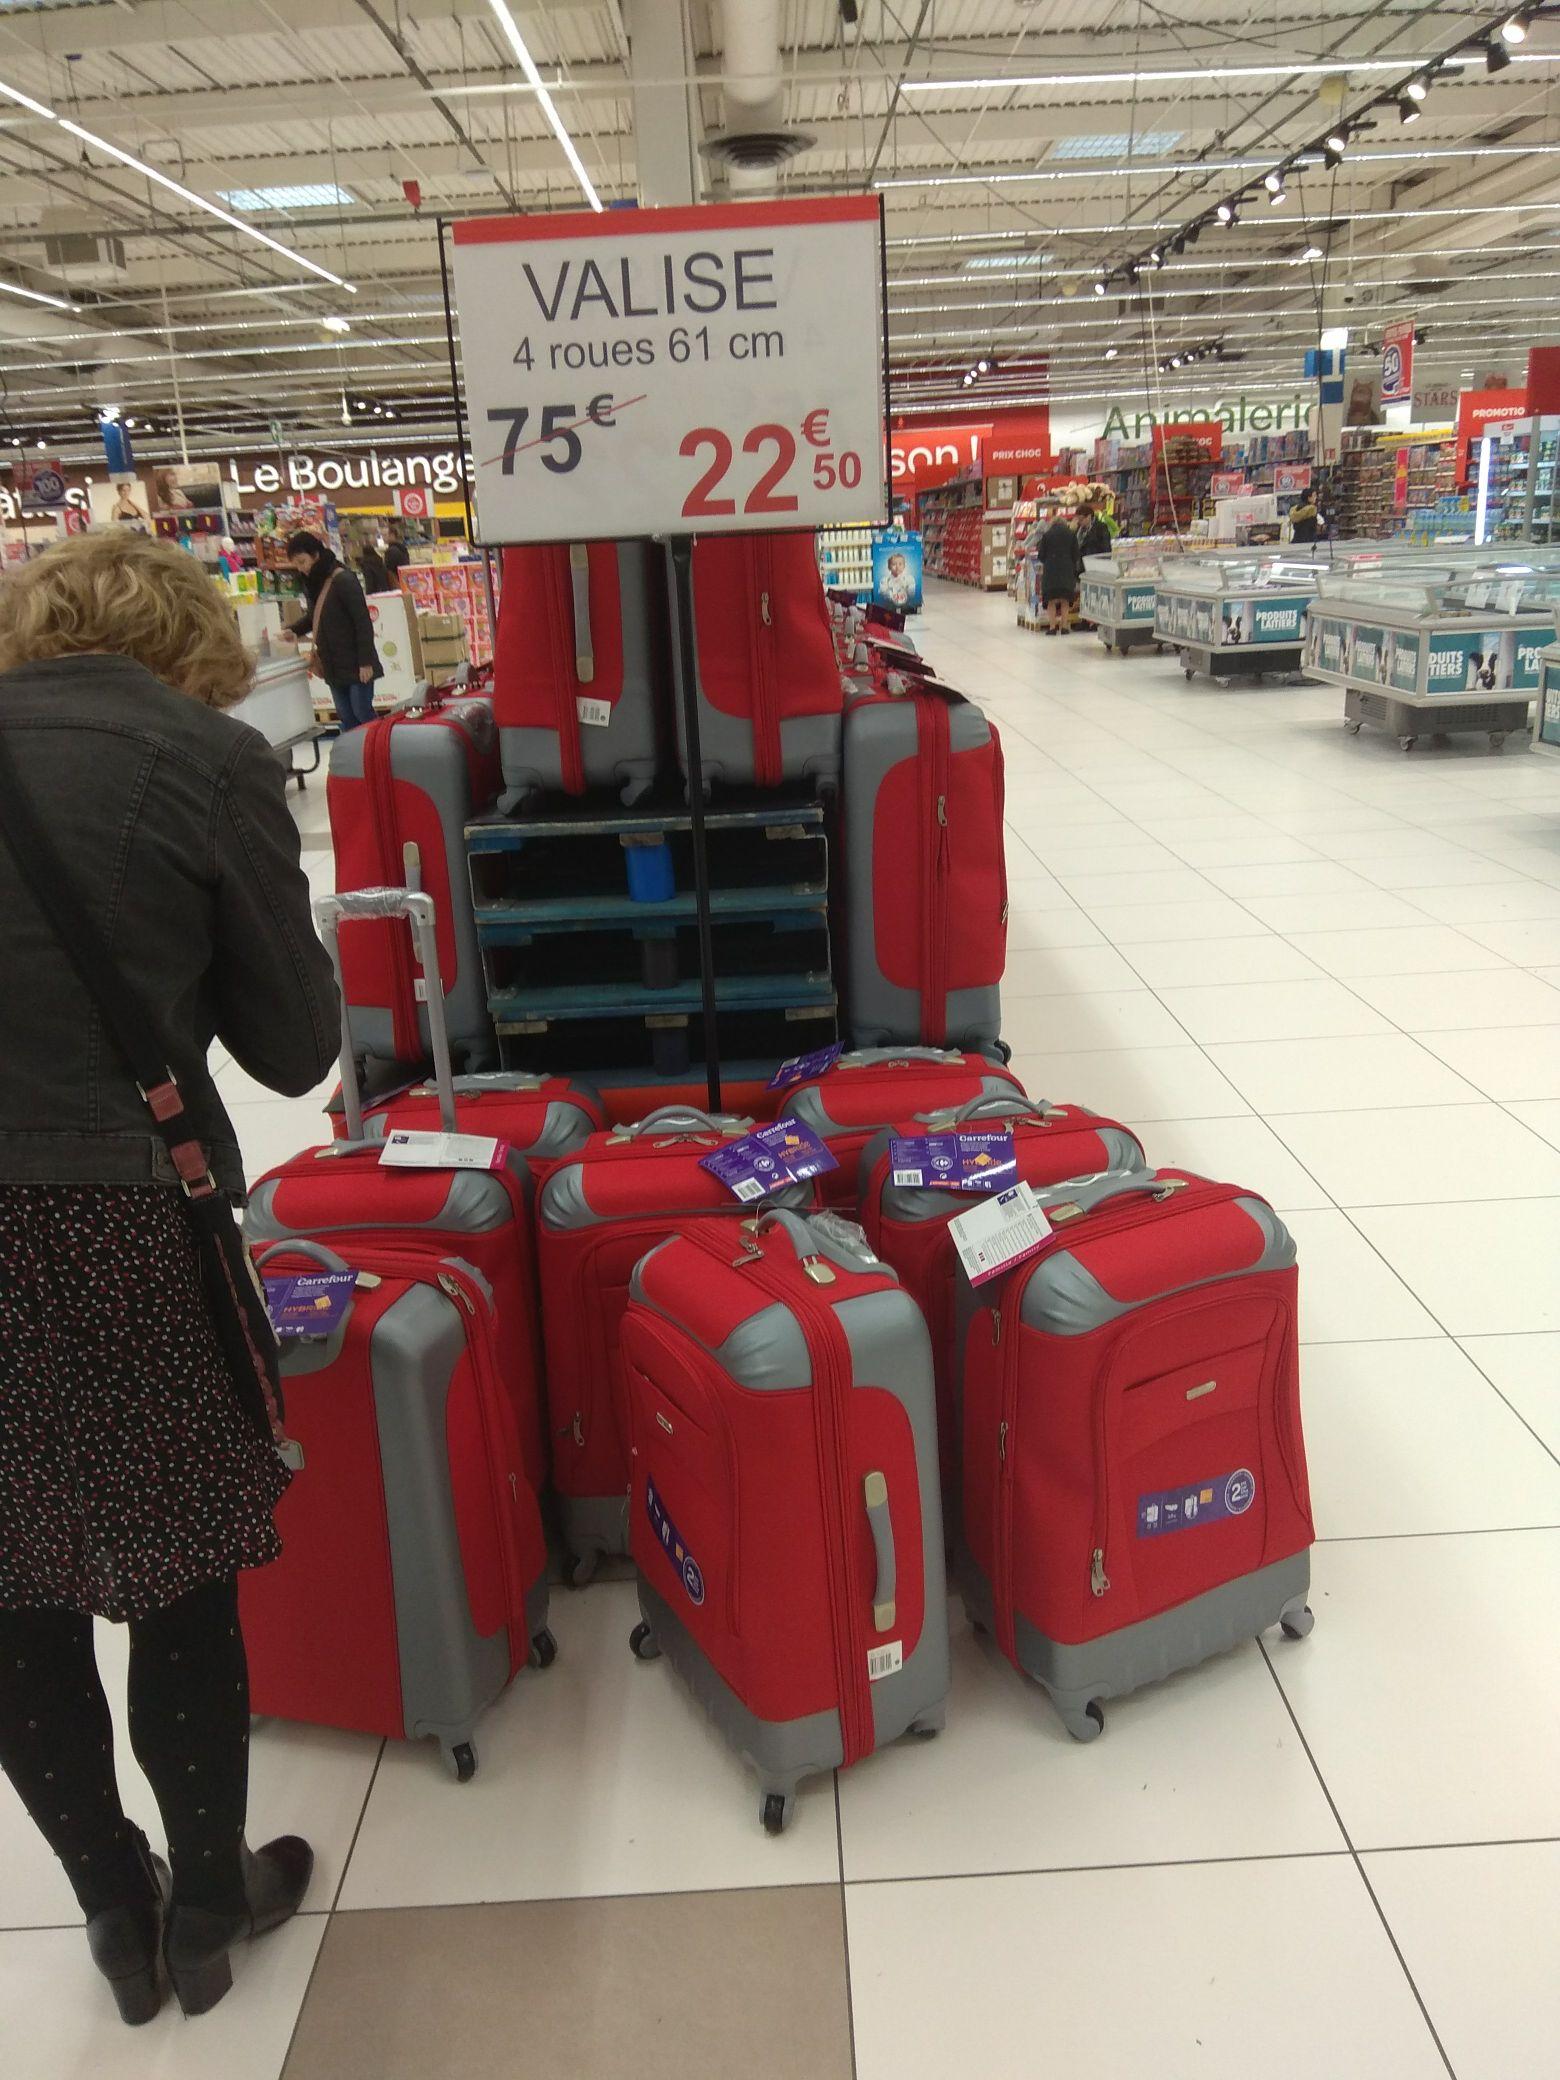 Valise de voyage 61 cm rouge - Carrefour cernay (51)